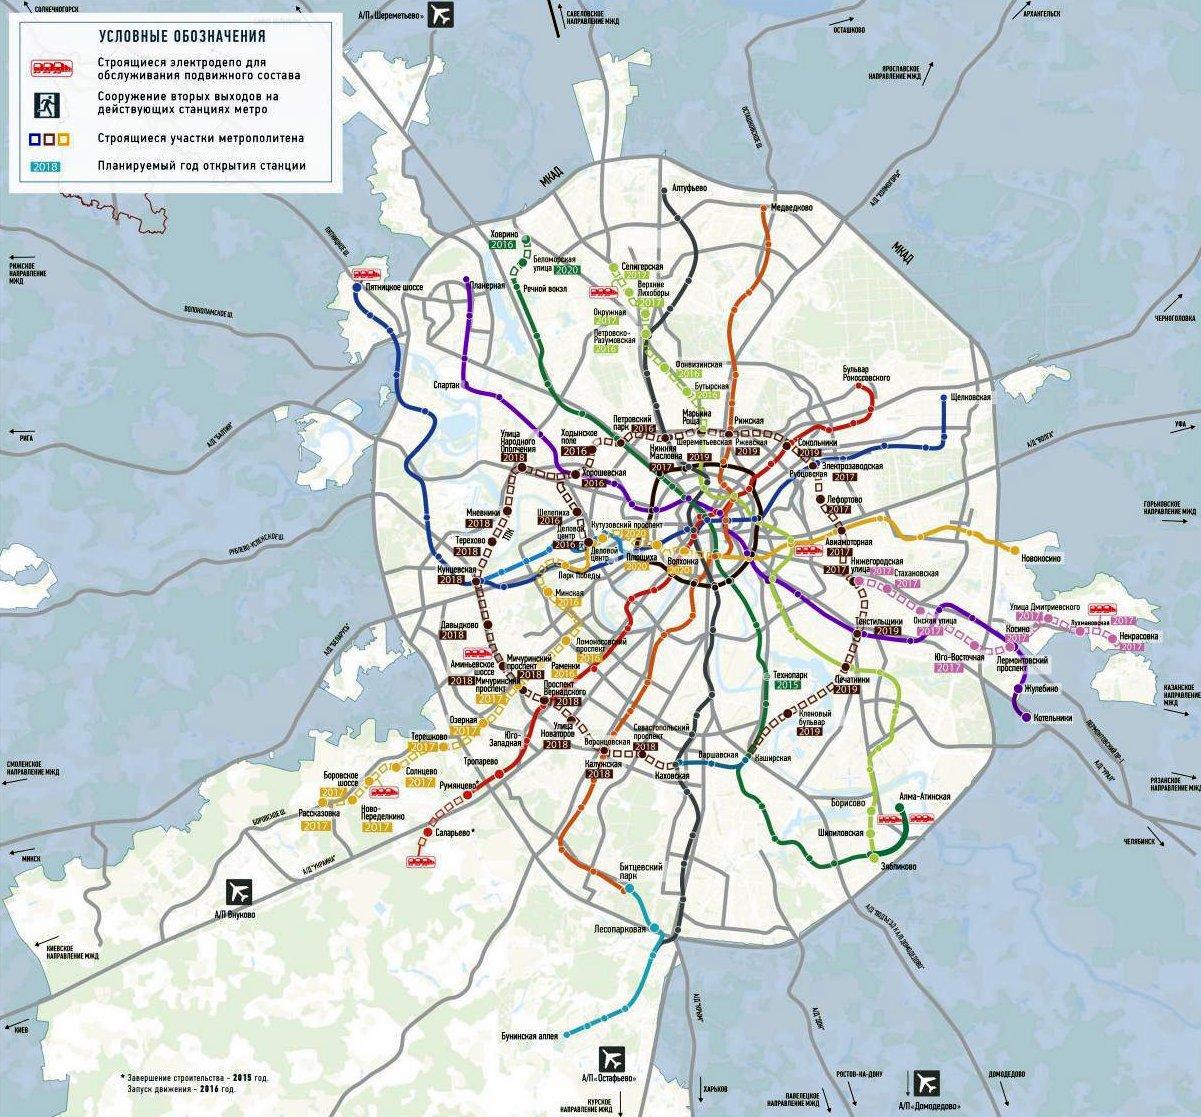 Легкое метро в красногорске схема